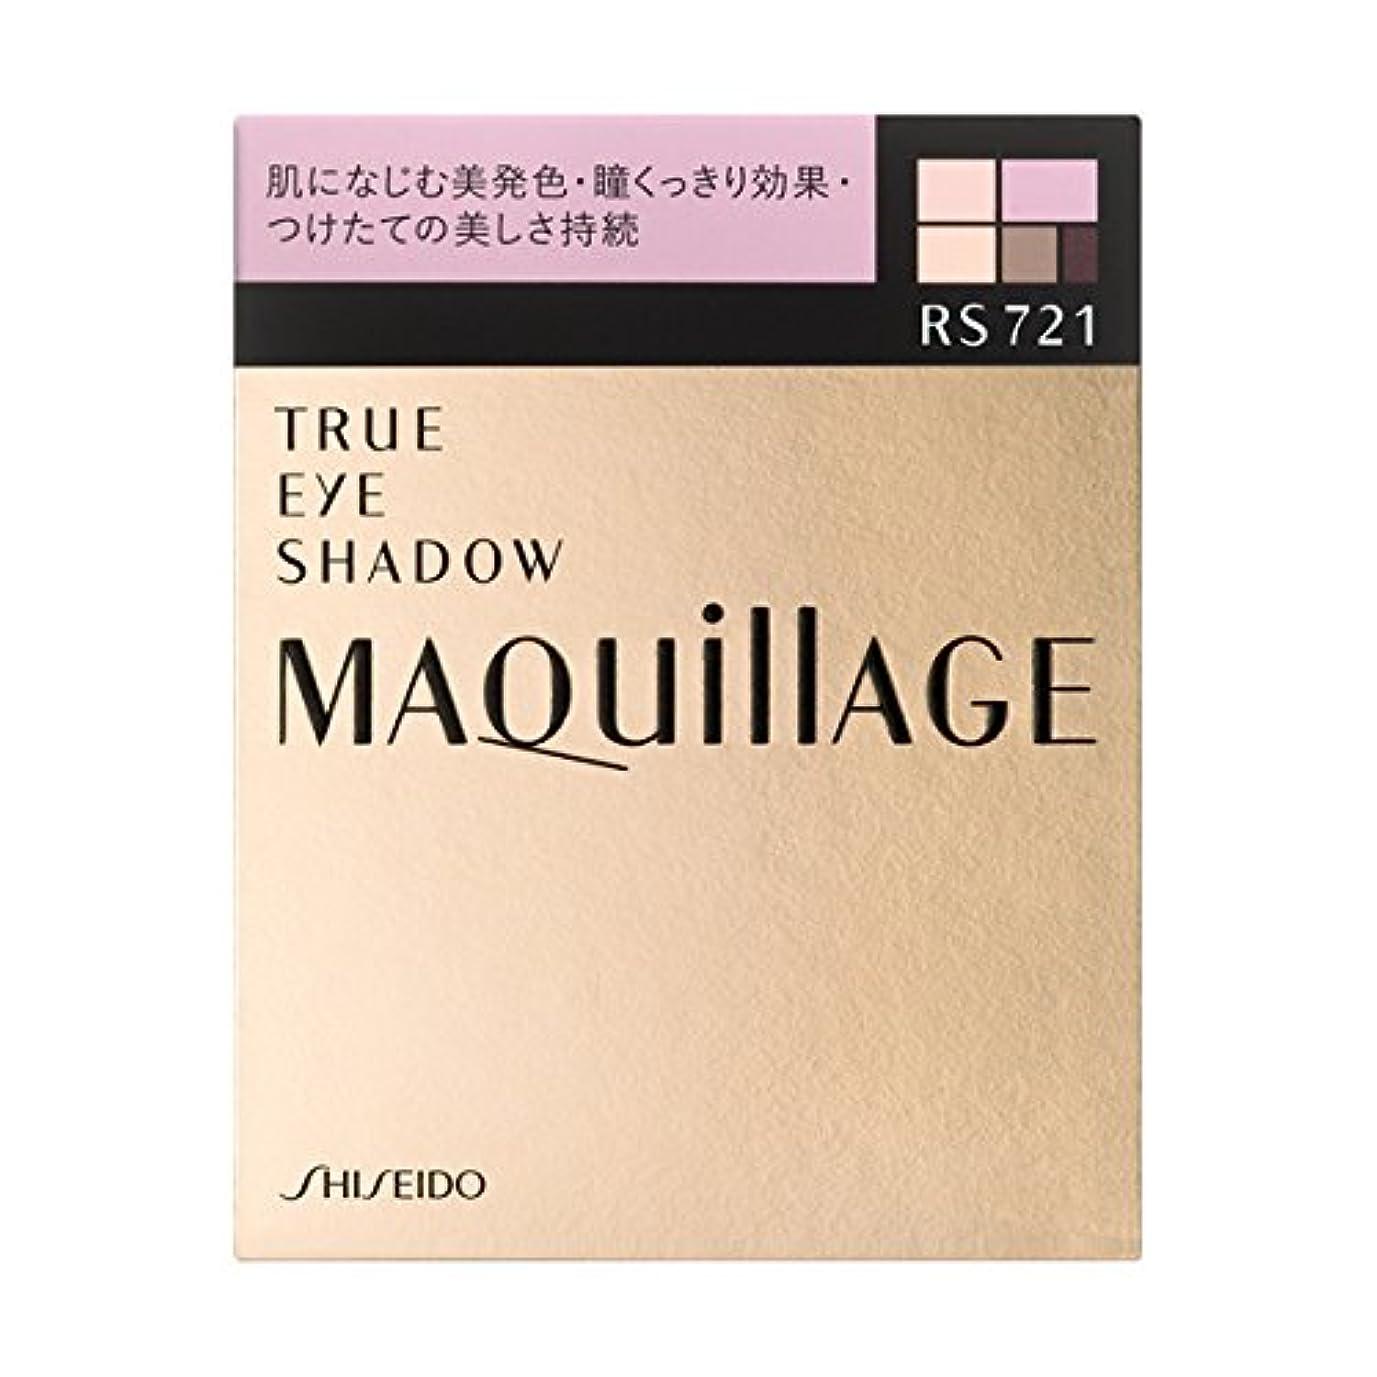 受付竜巻薄暗い<2個セット>マキアージュ トゥルーアイシャドー RS721 本体 3.5g×2個